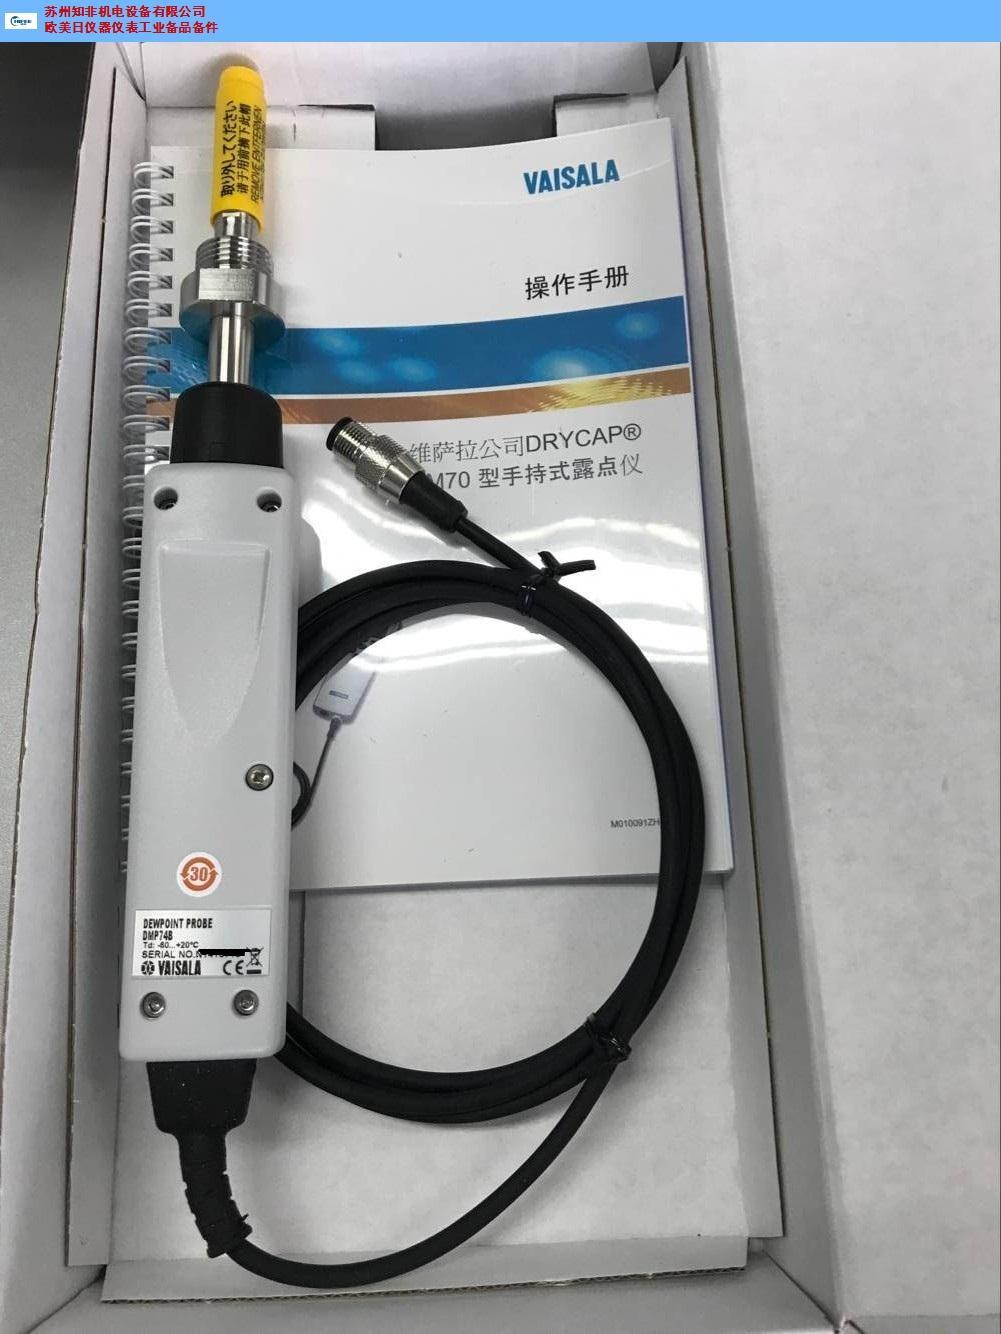 苏州蔬菜大棚温湿度传感器代理商 信息推荐 苏州知非机电设备供应